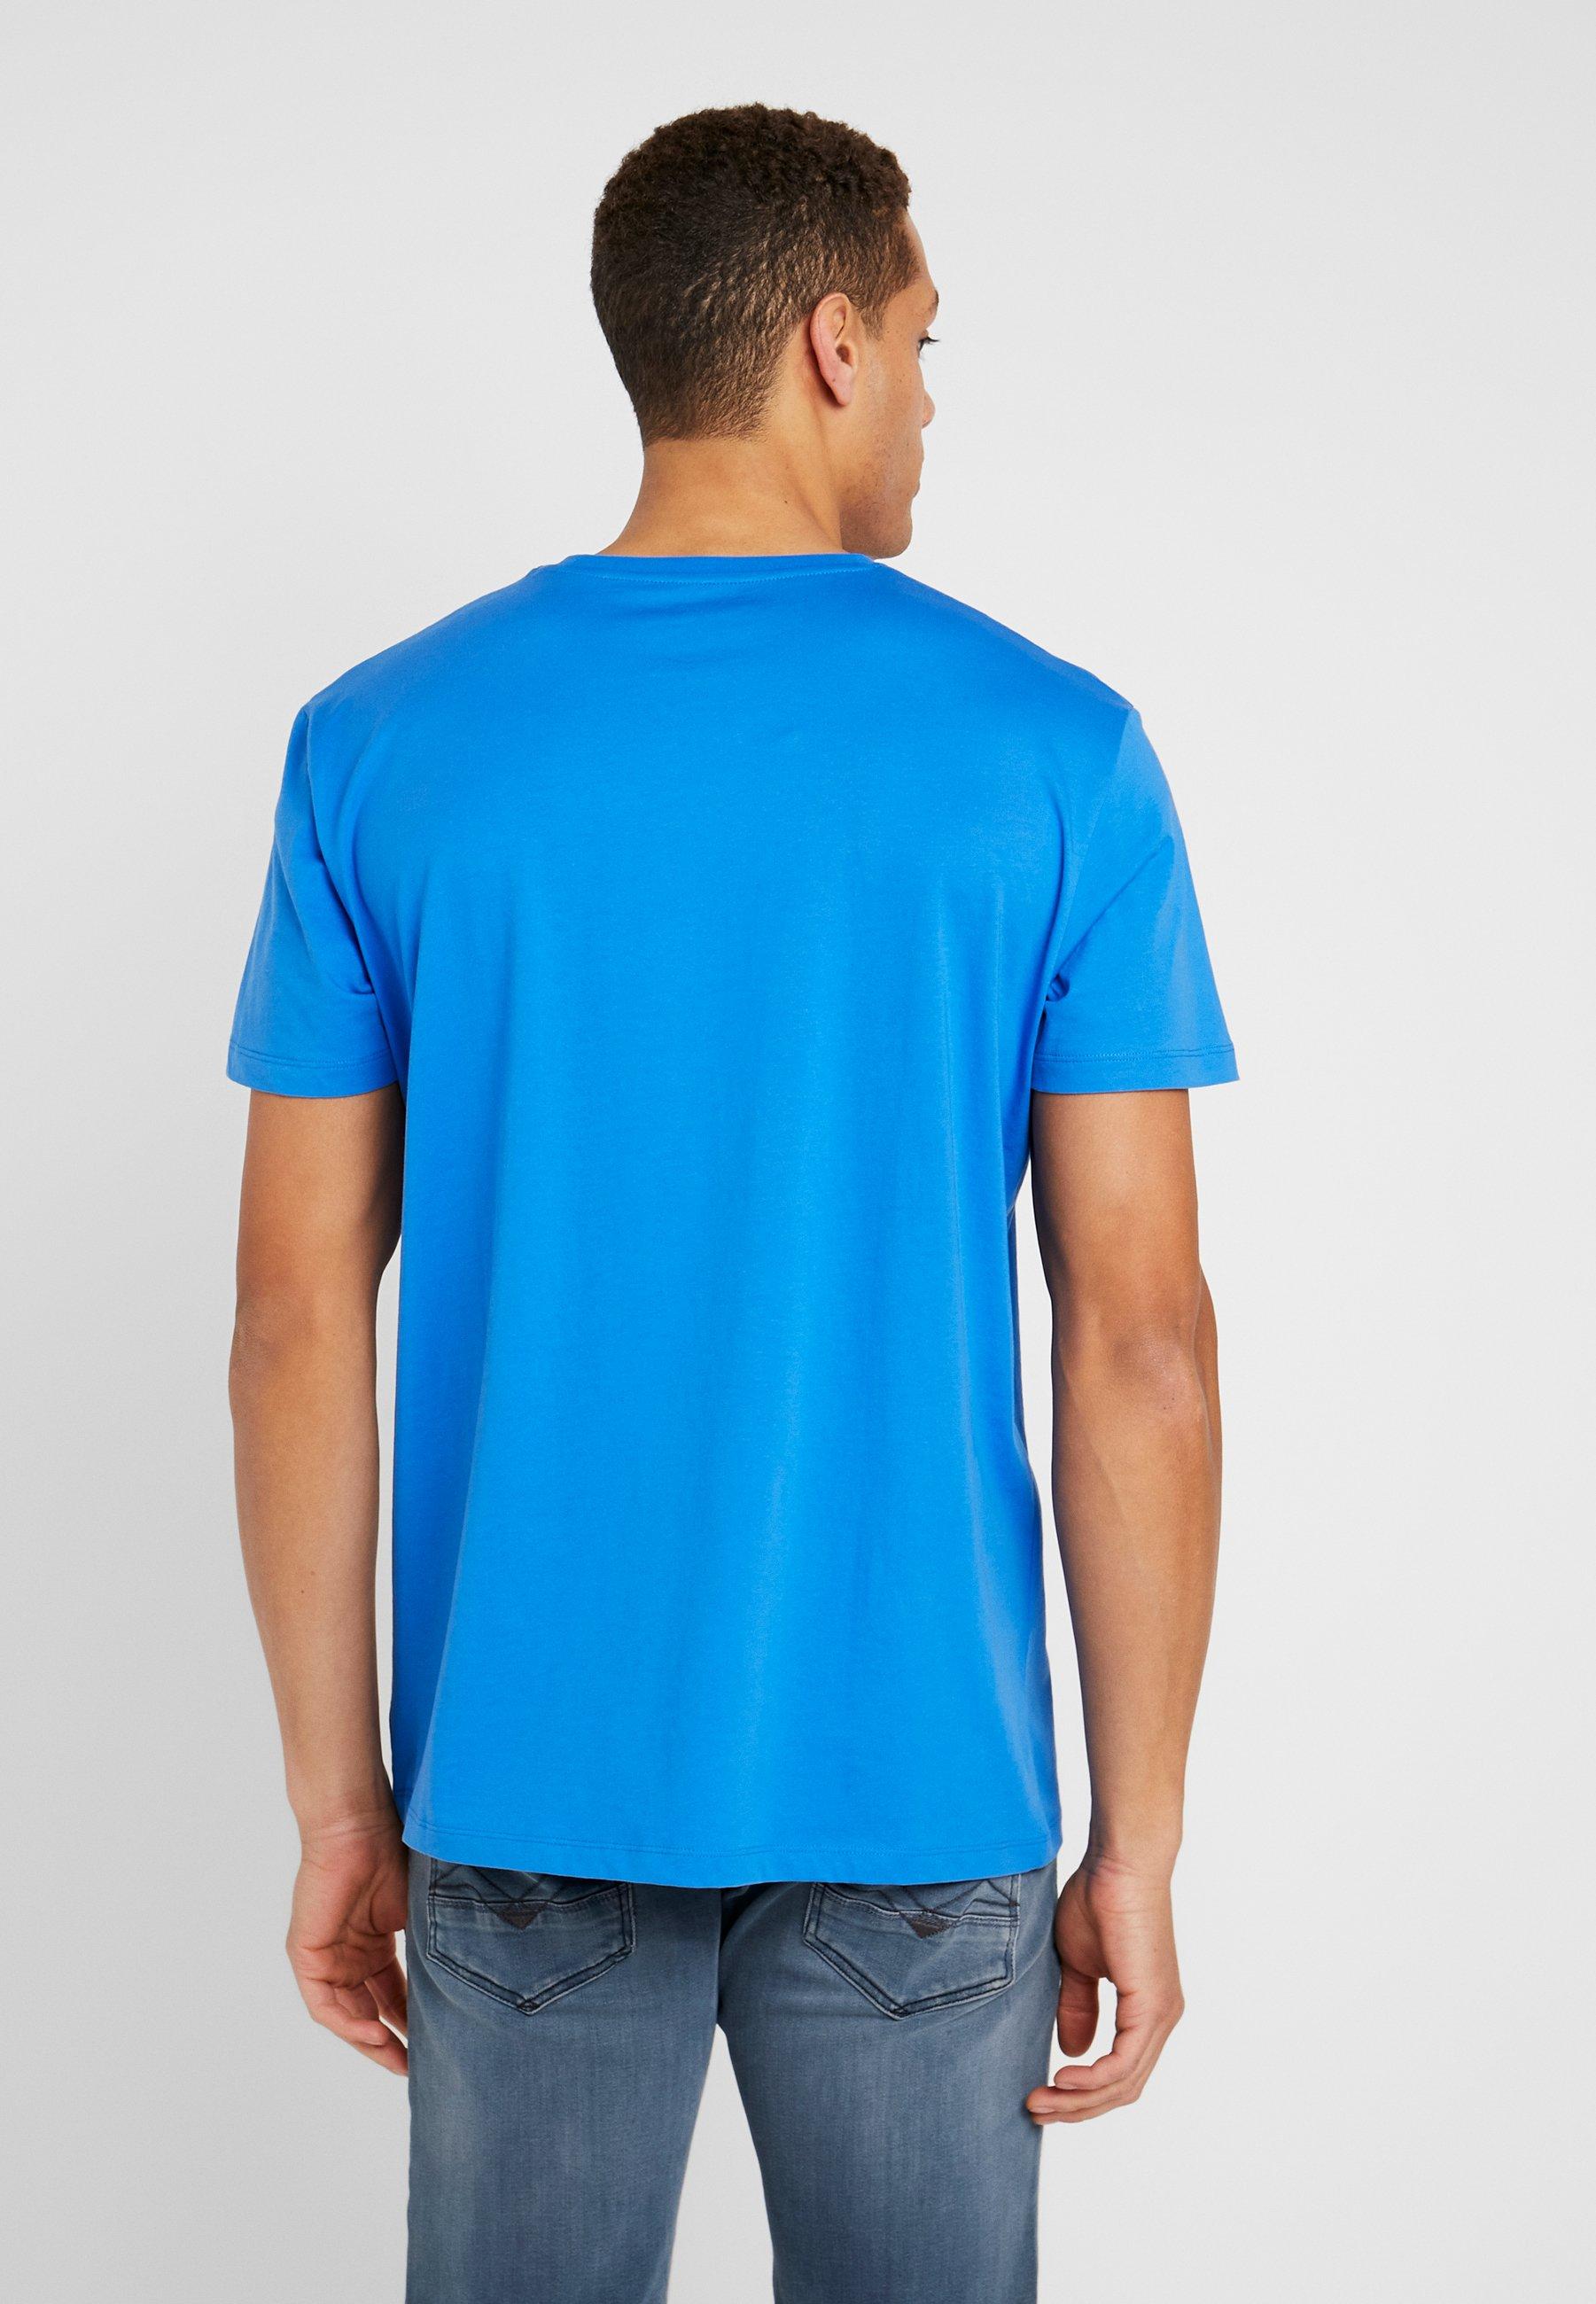 Esprit Print T-shirt - bright blue FoJtc